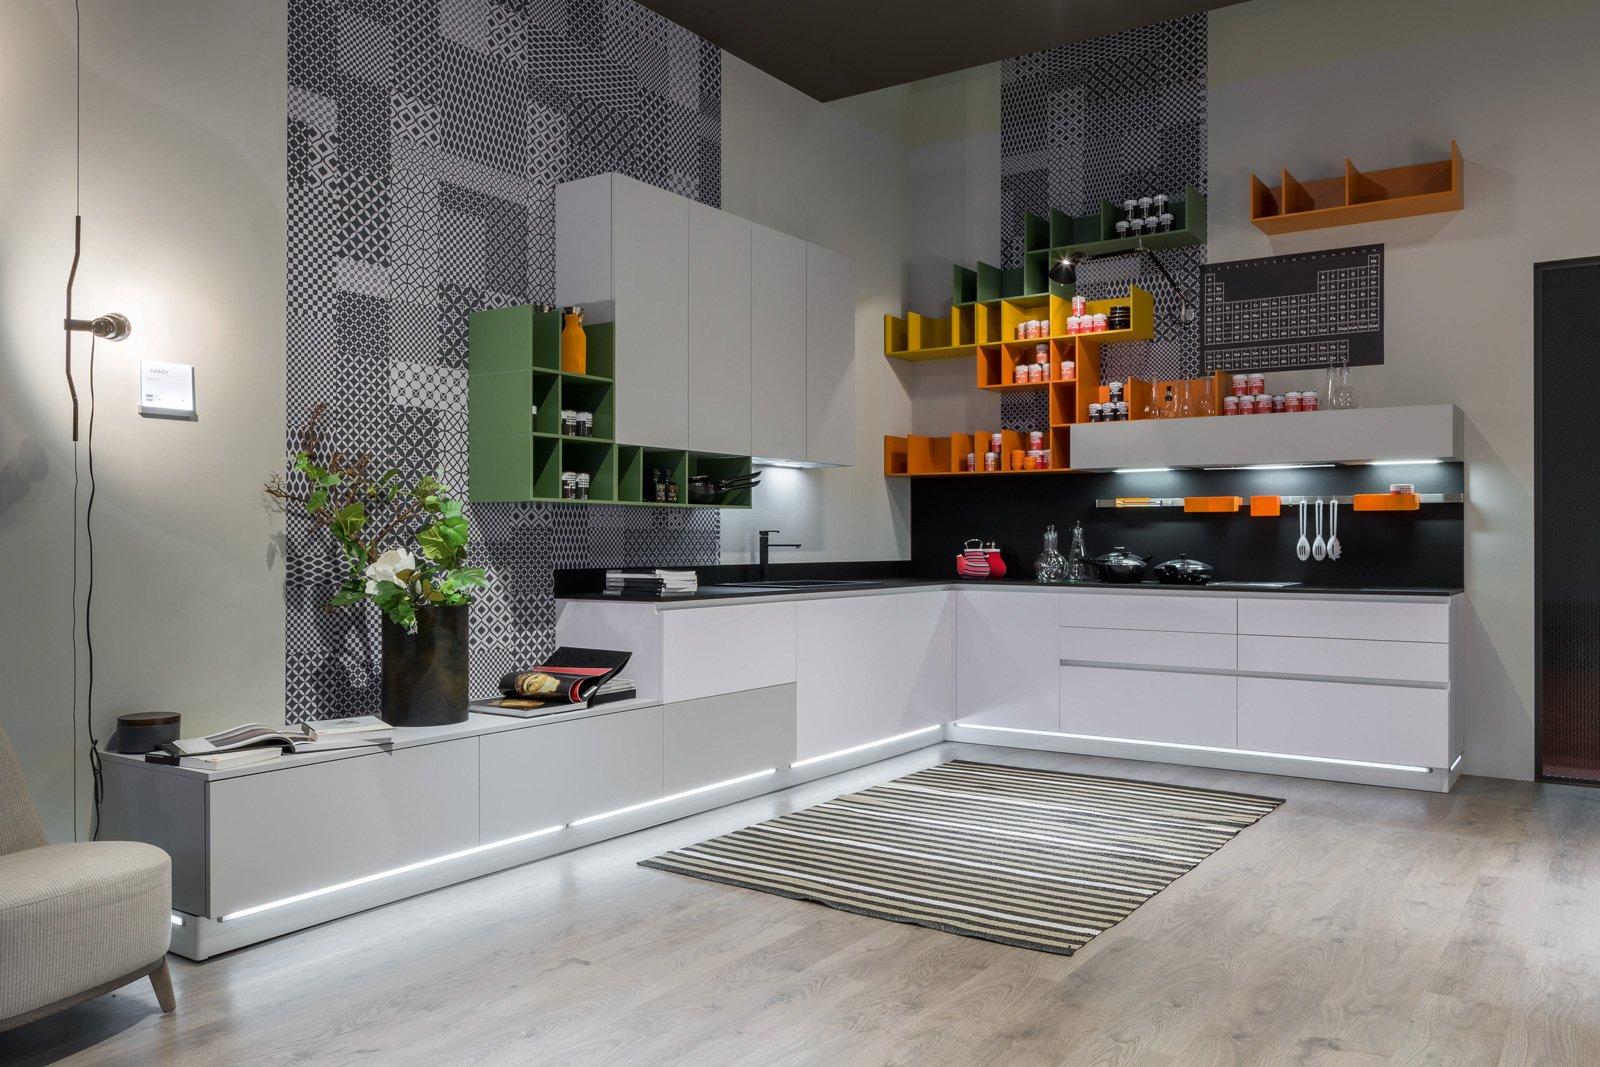 Piani di lavoro innovativi per la cucina - Cose di Casa